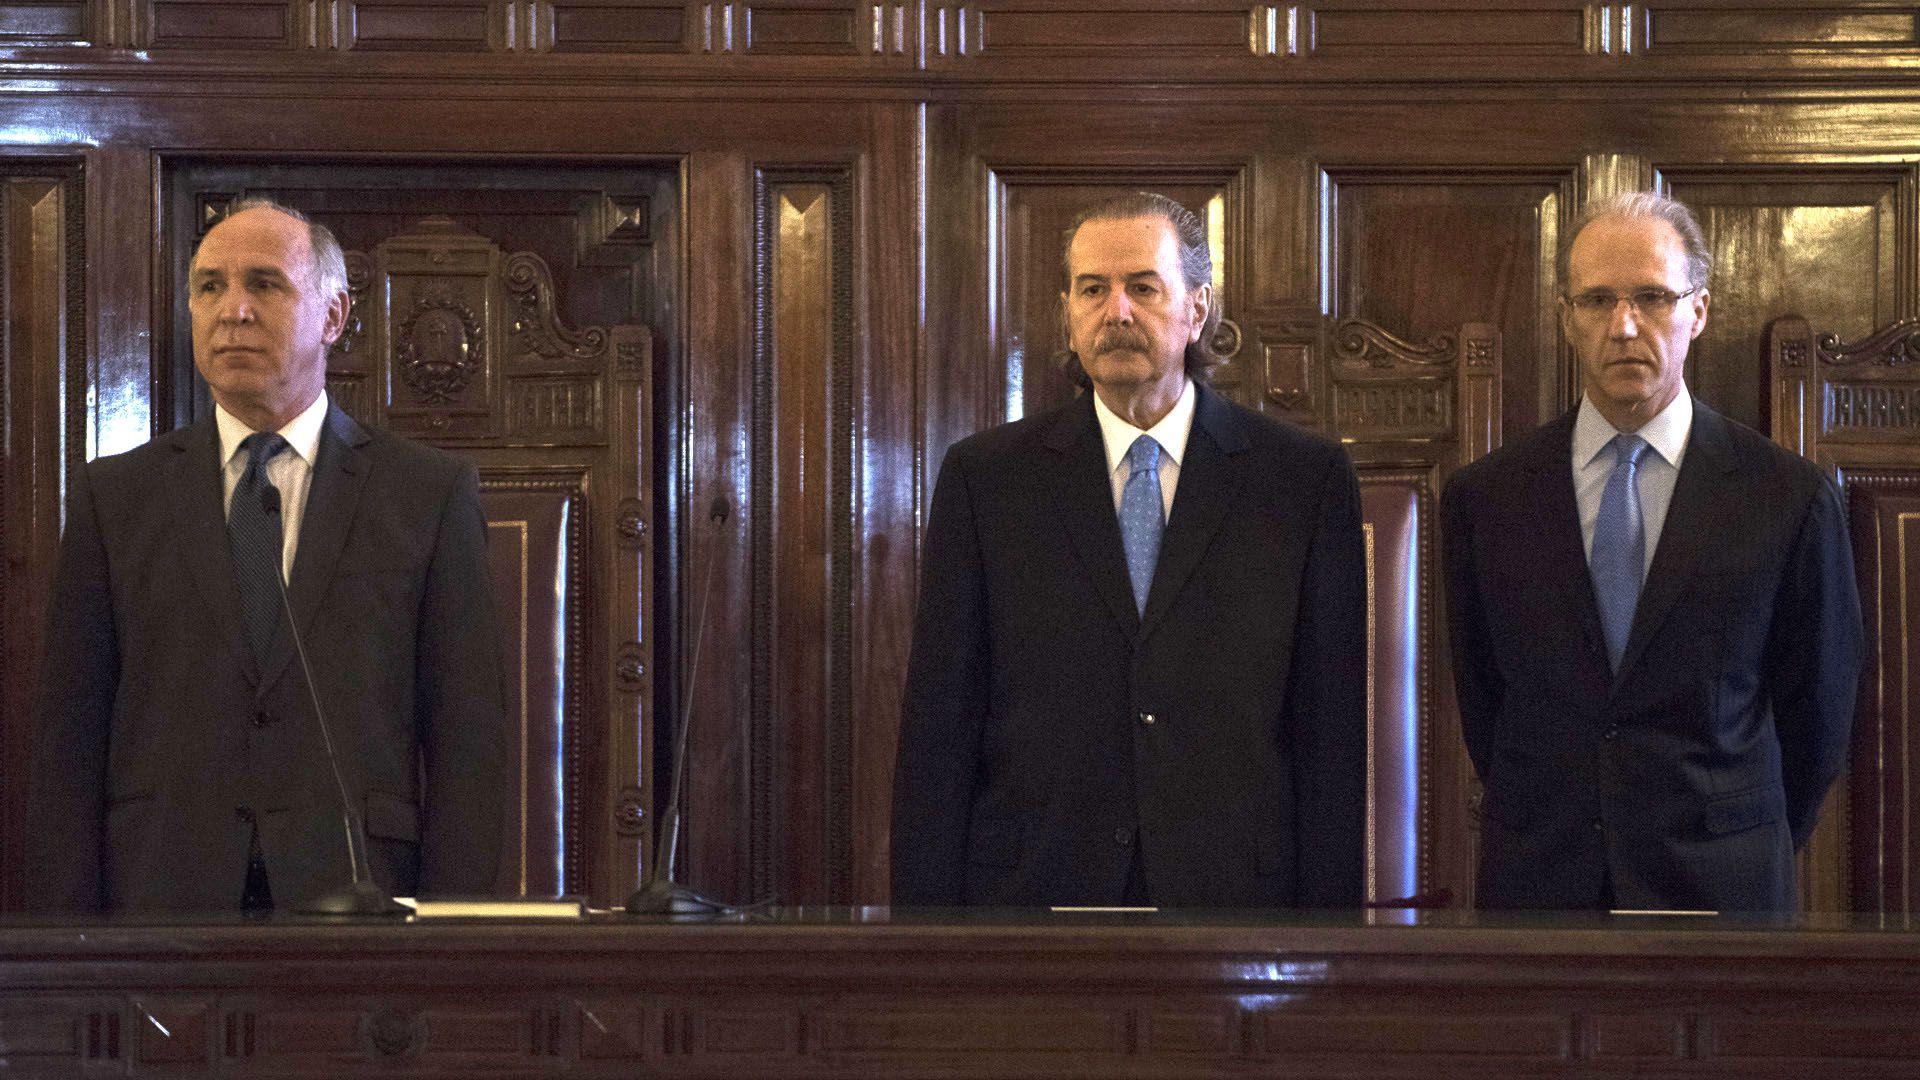 Ricardo Lorenzetti, Juan Carlos Maqueda y Carlos Rosenkrantz, tres miembros de la Corte Suprema